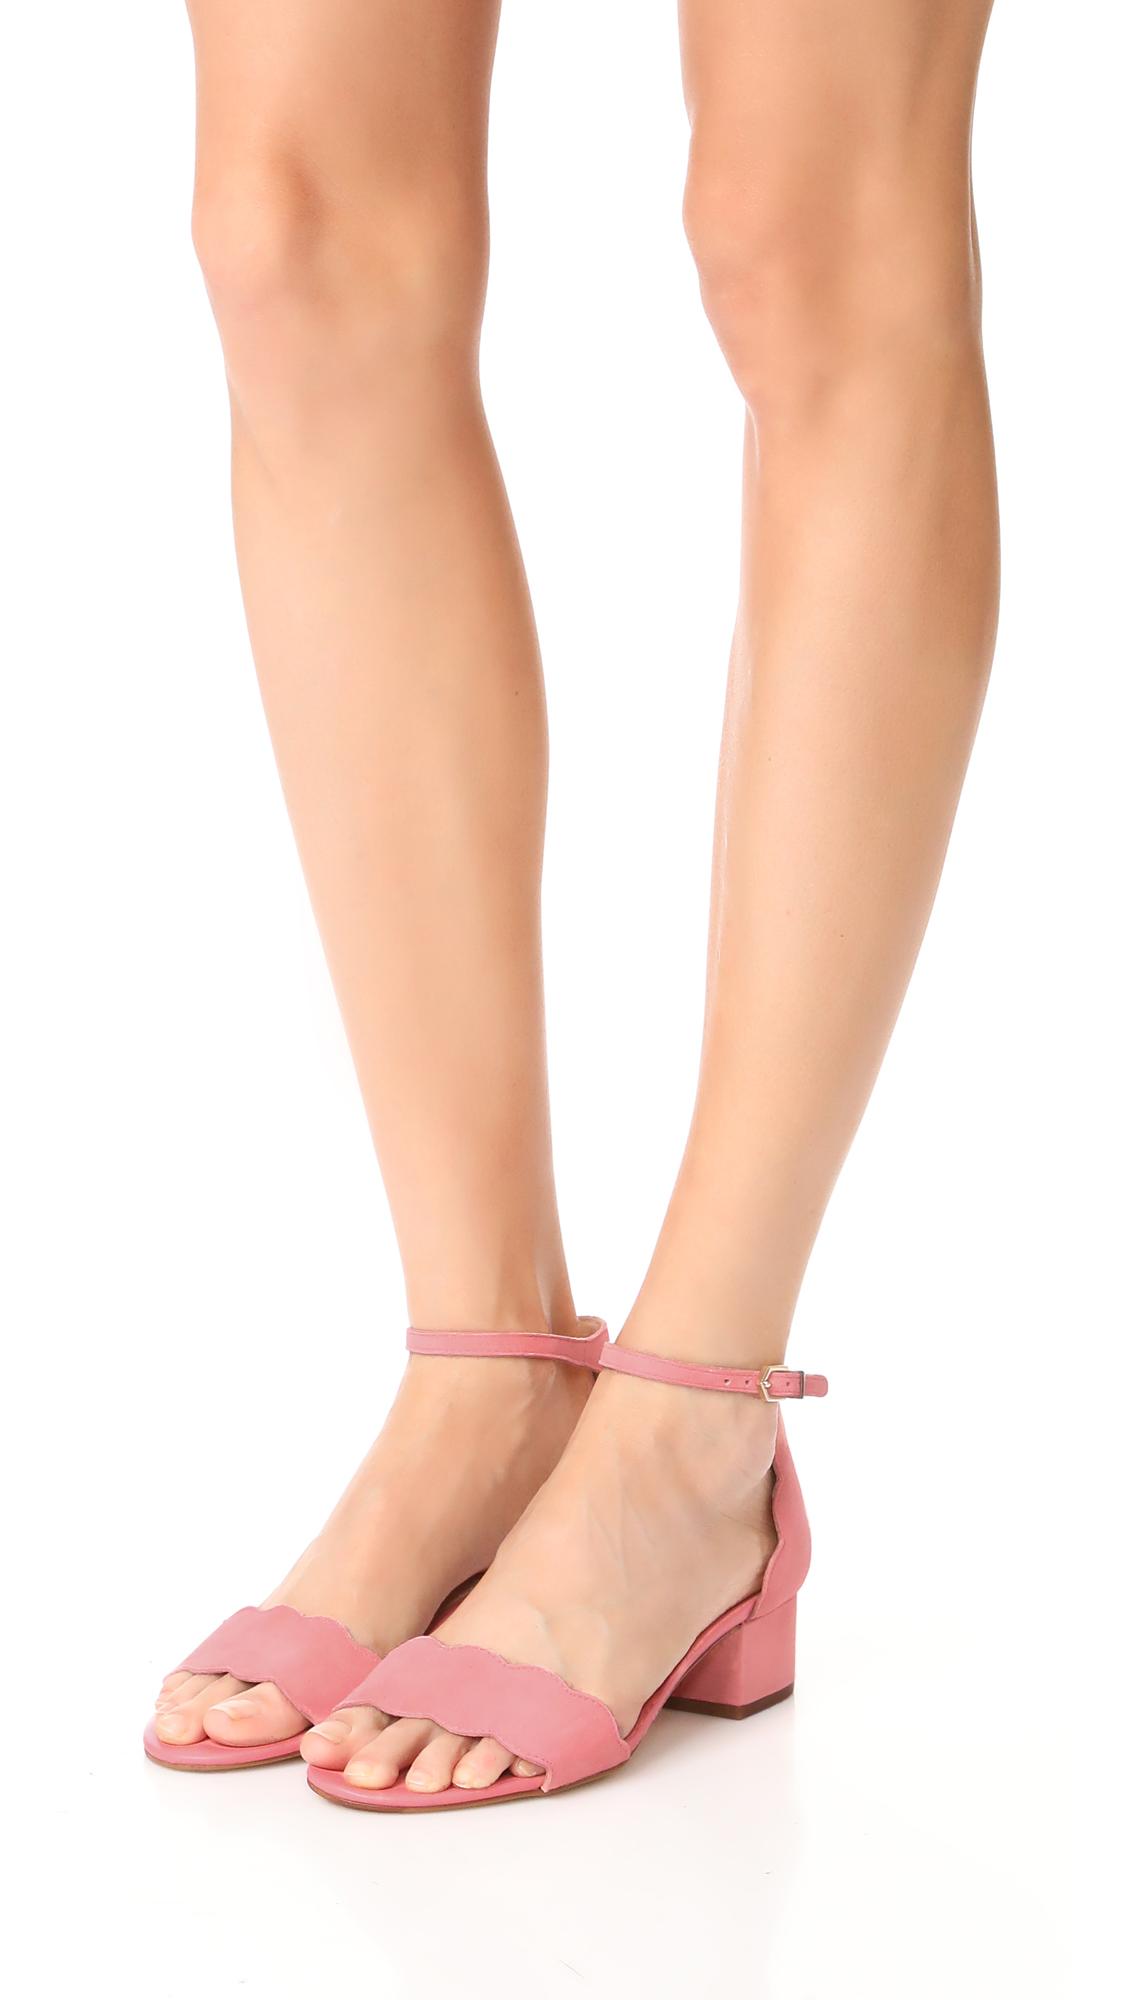 88f7d3336deb Sam Edelman Inara City Sandals